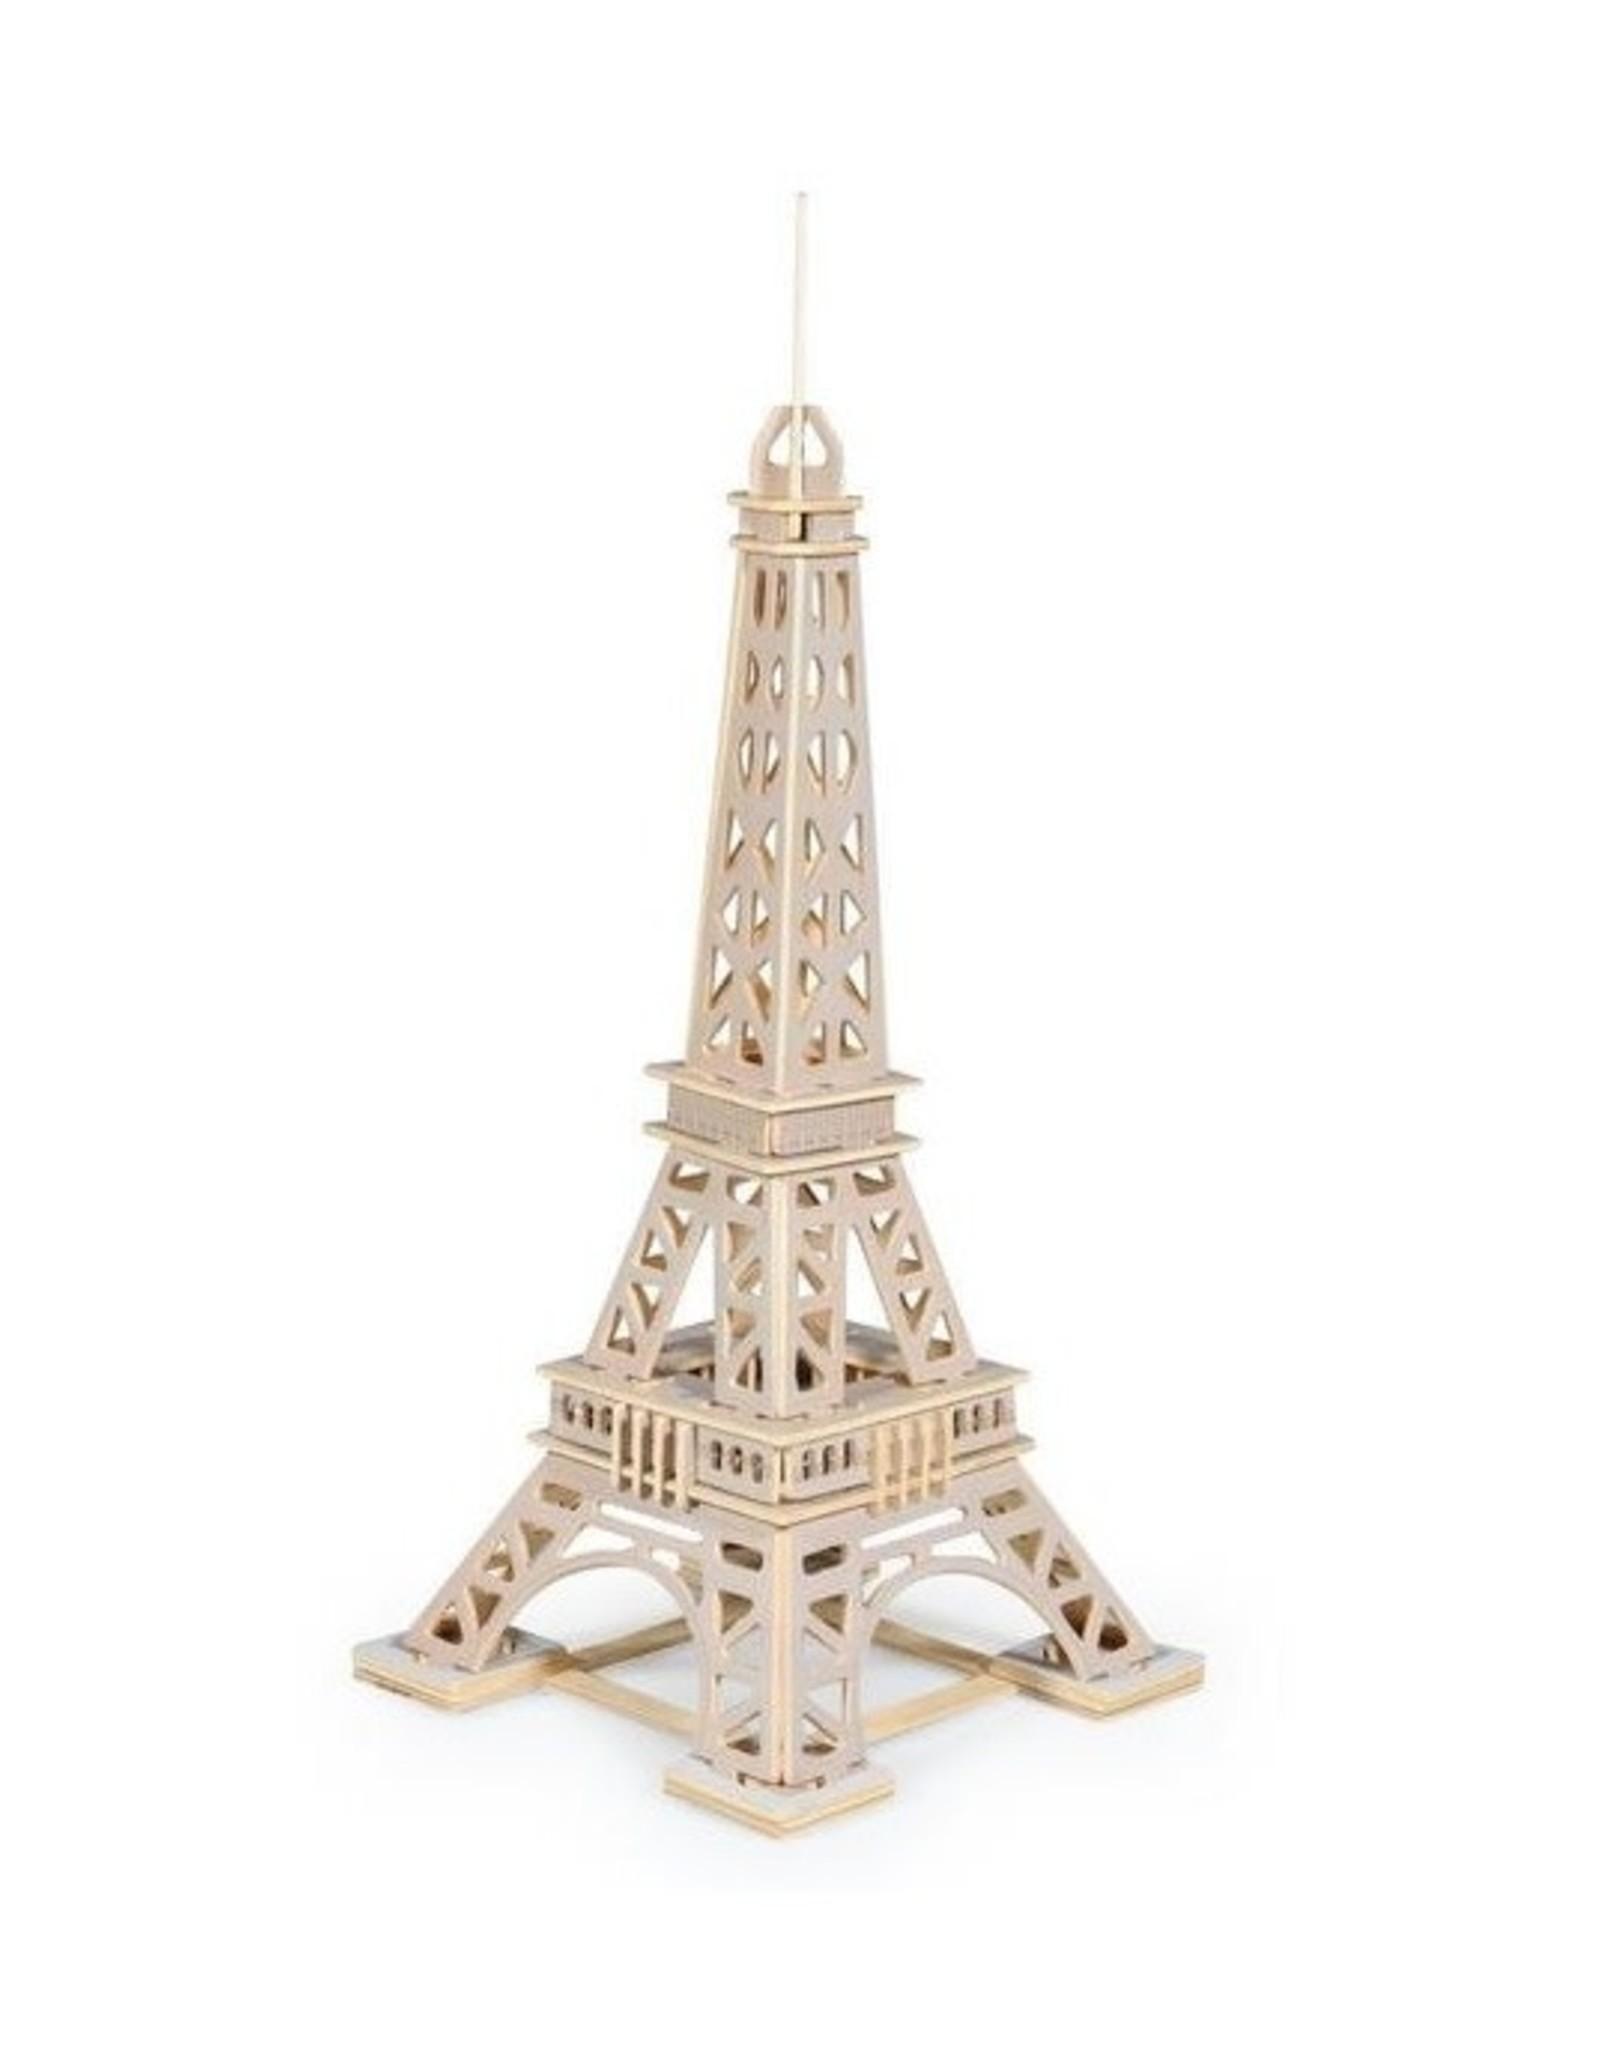 ROBOTIME Eiffel Tower - Wooden Model Kit